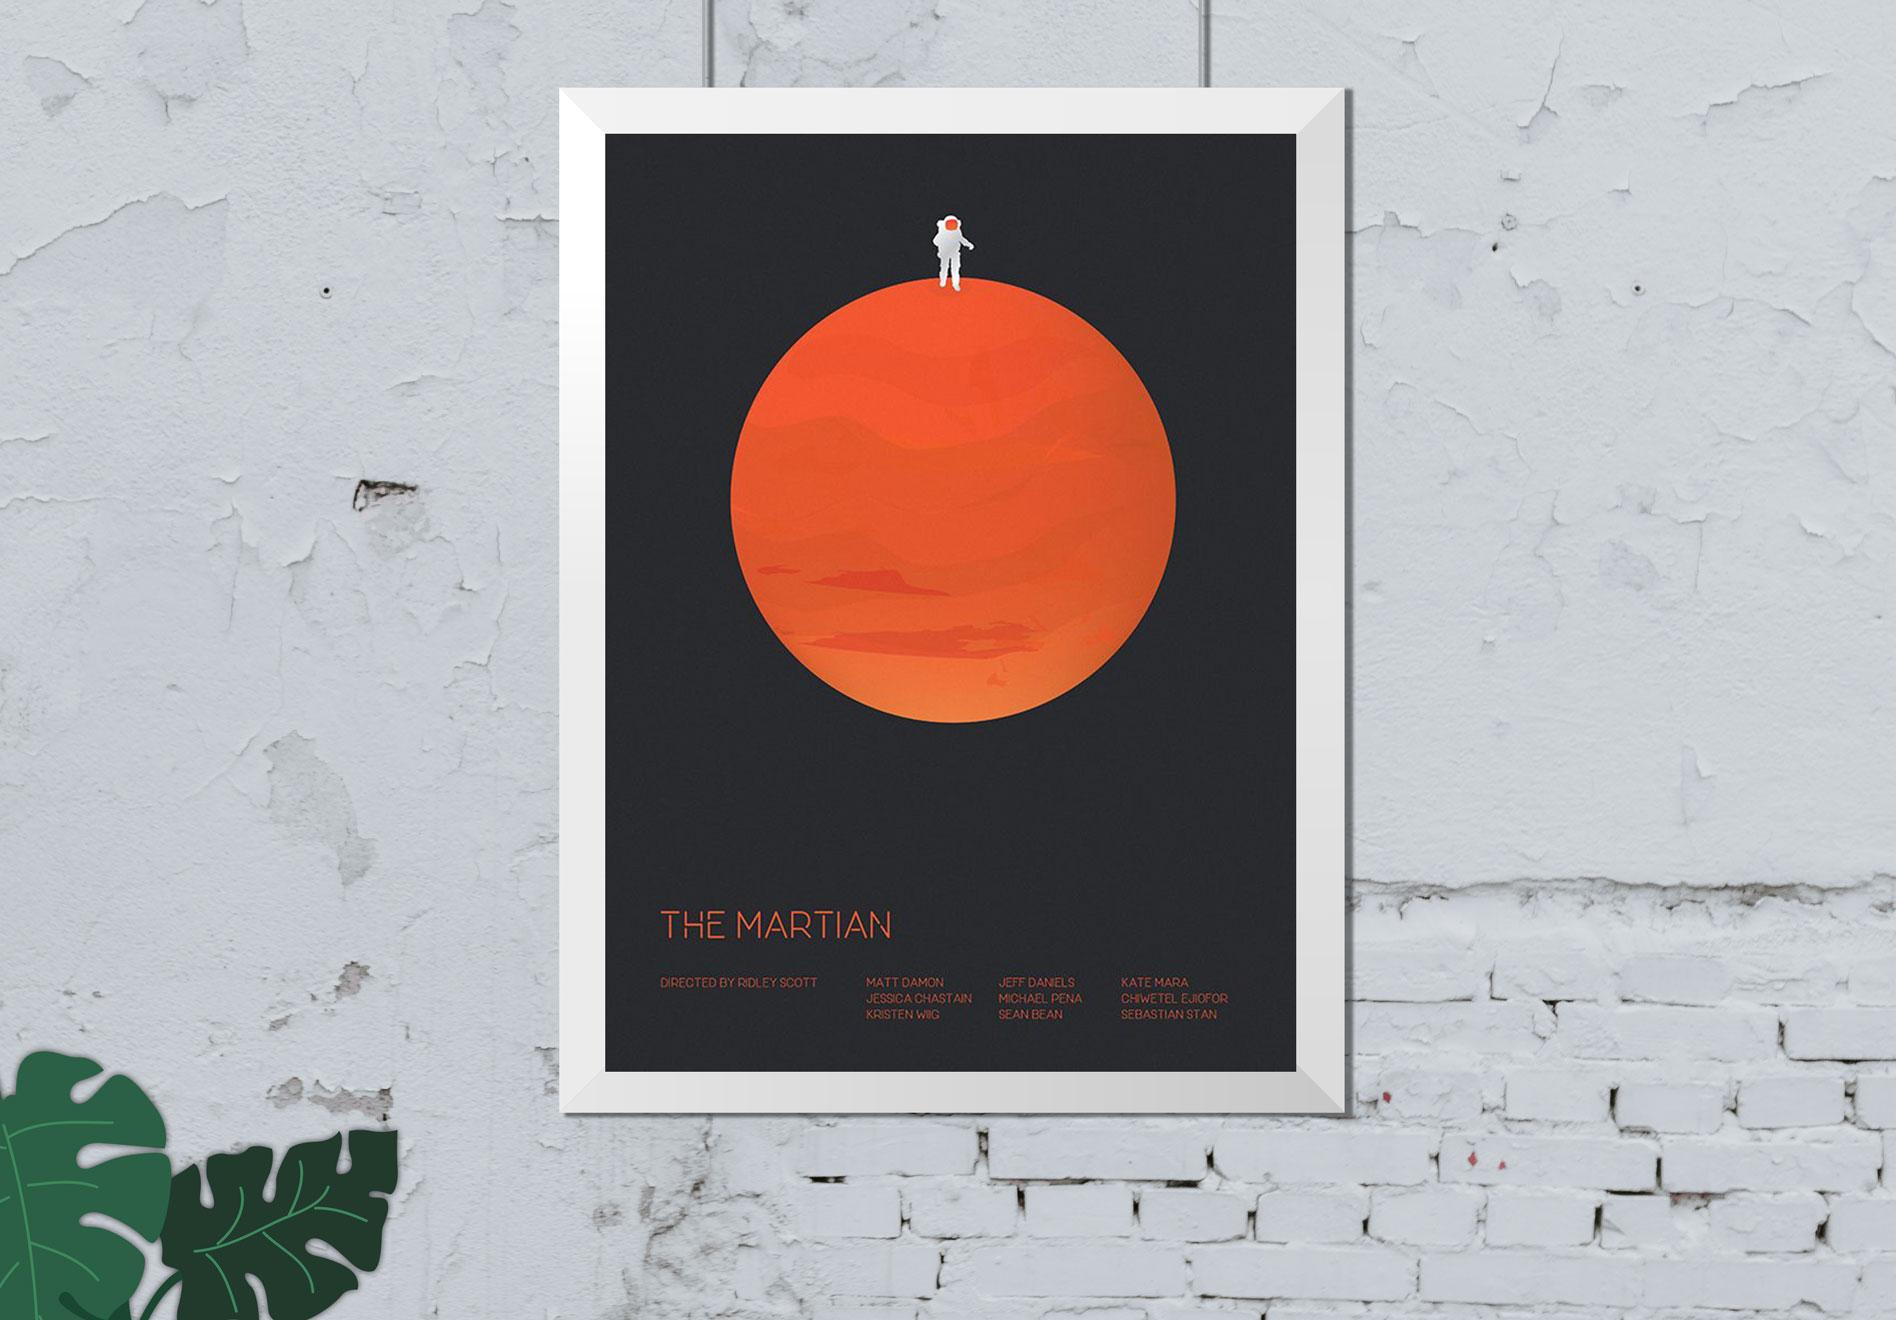 free_poster_wall_mockup_psd